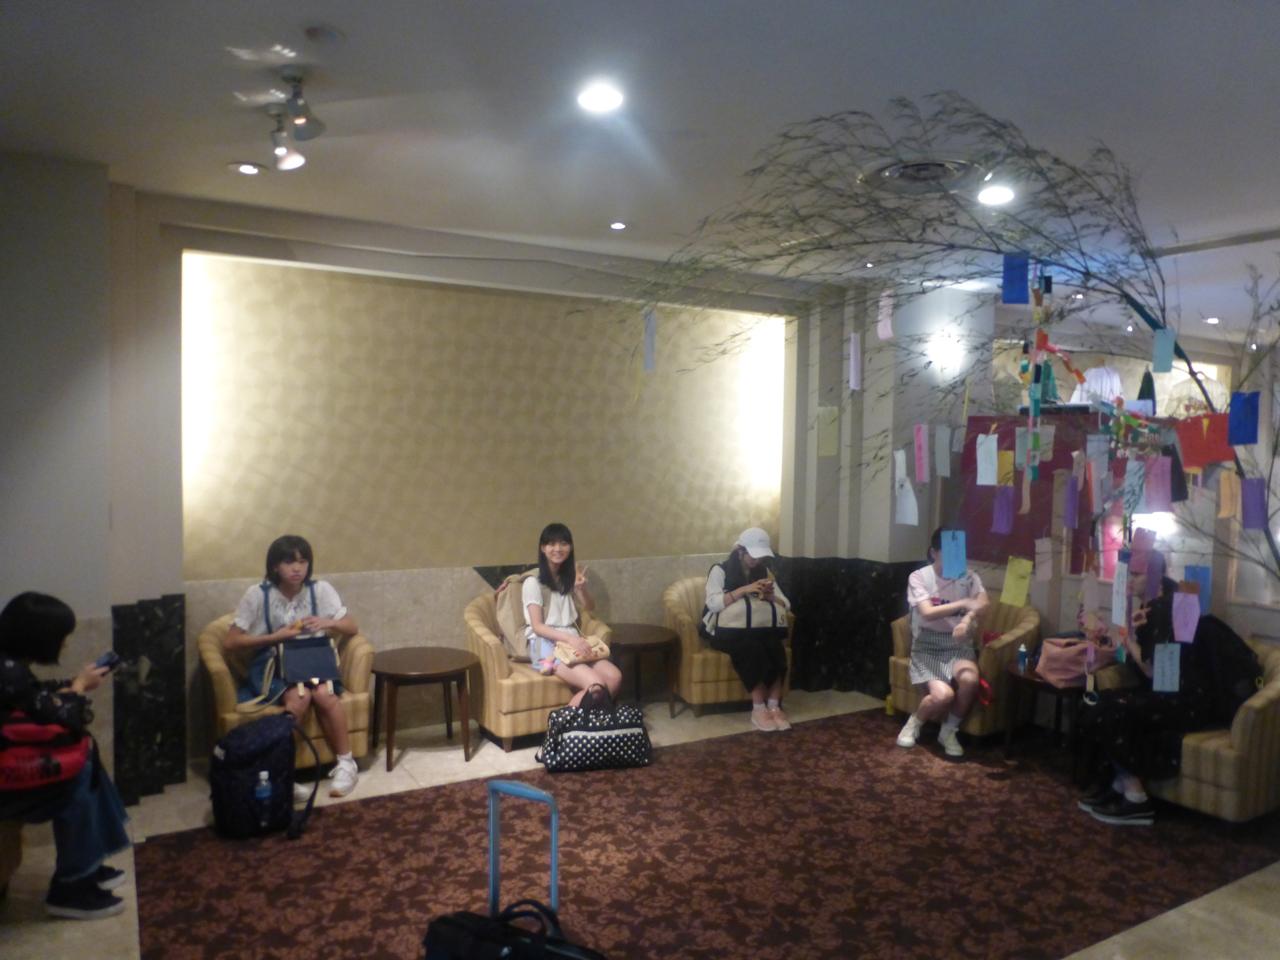 台風で中止になった仙台の七夕フェスタ。ホテルのロビーには沢山の短冊が。(ばってん少女隊)